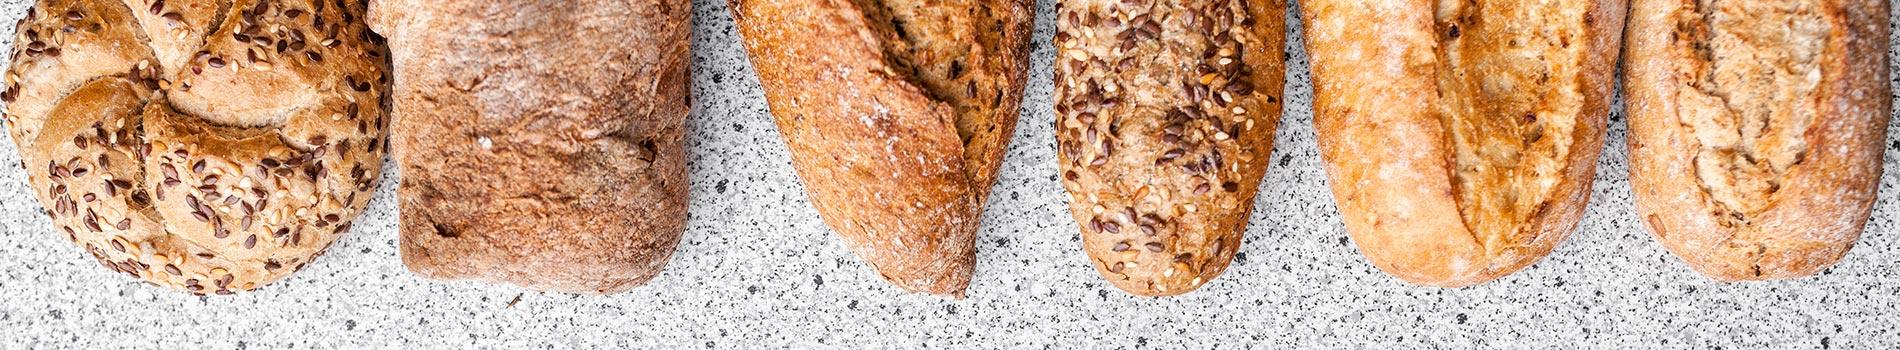 φρέσκο ψωμί Σωμαράκης